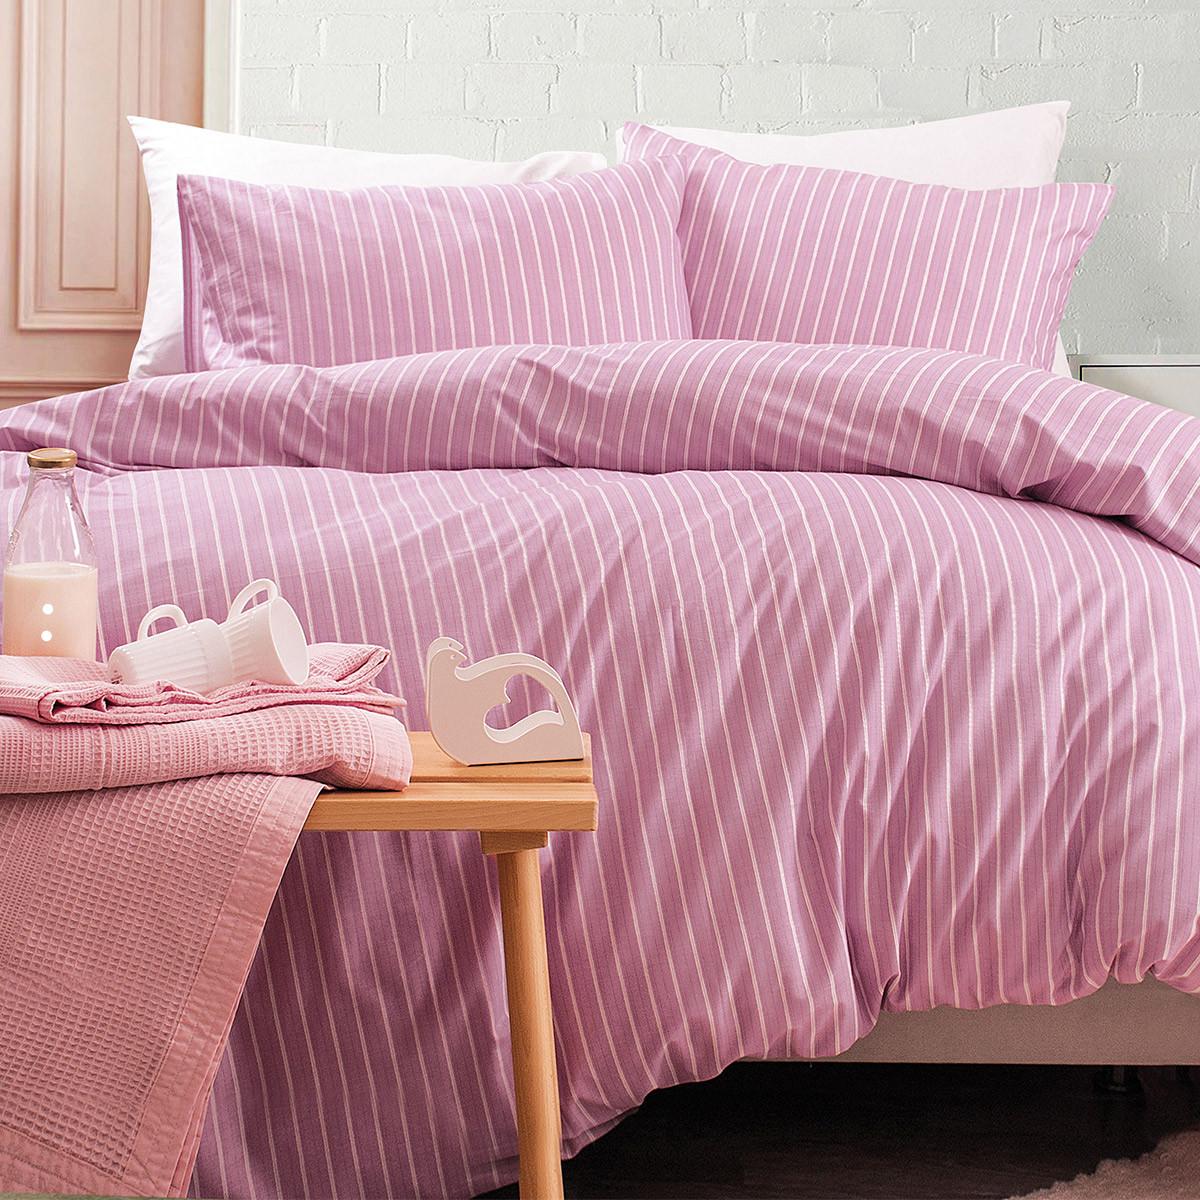 Παπλωματοθήκη Υπέρδιπλη (Σετ) Rythmos Nova Granada Pink